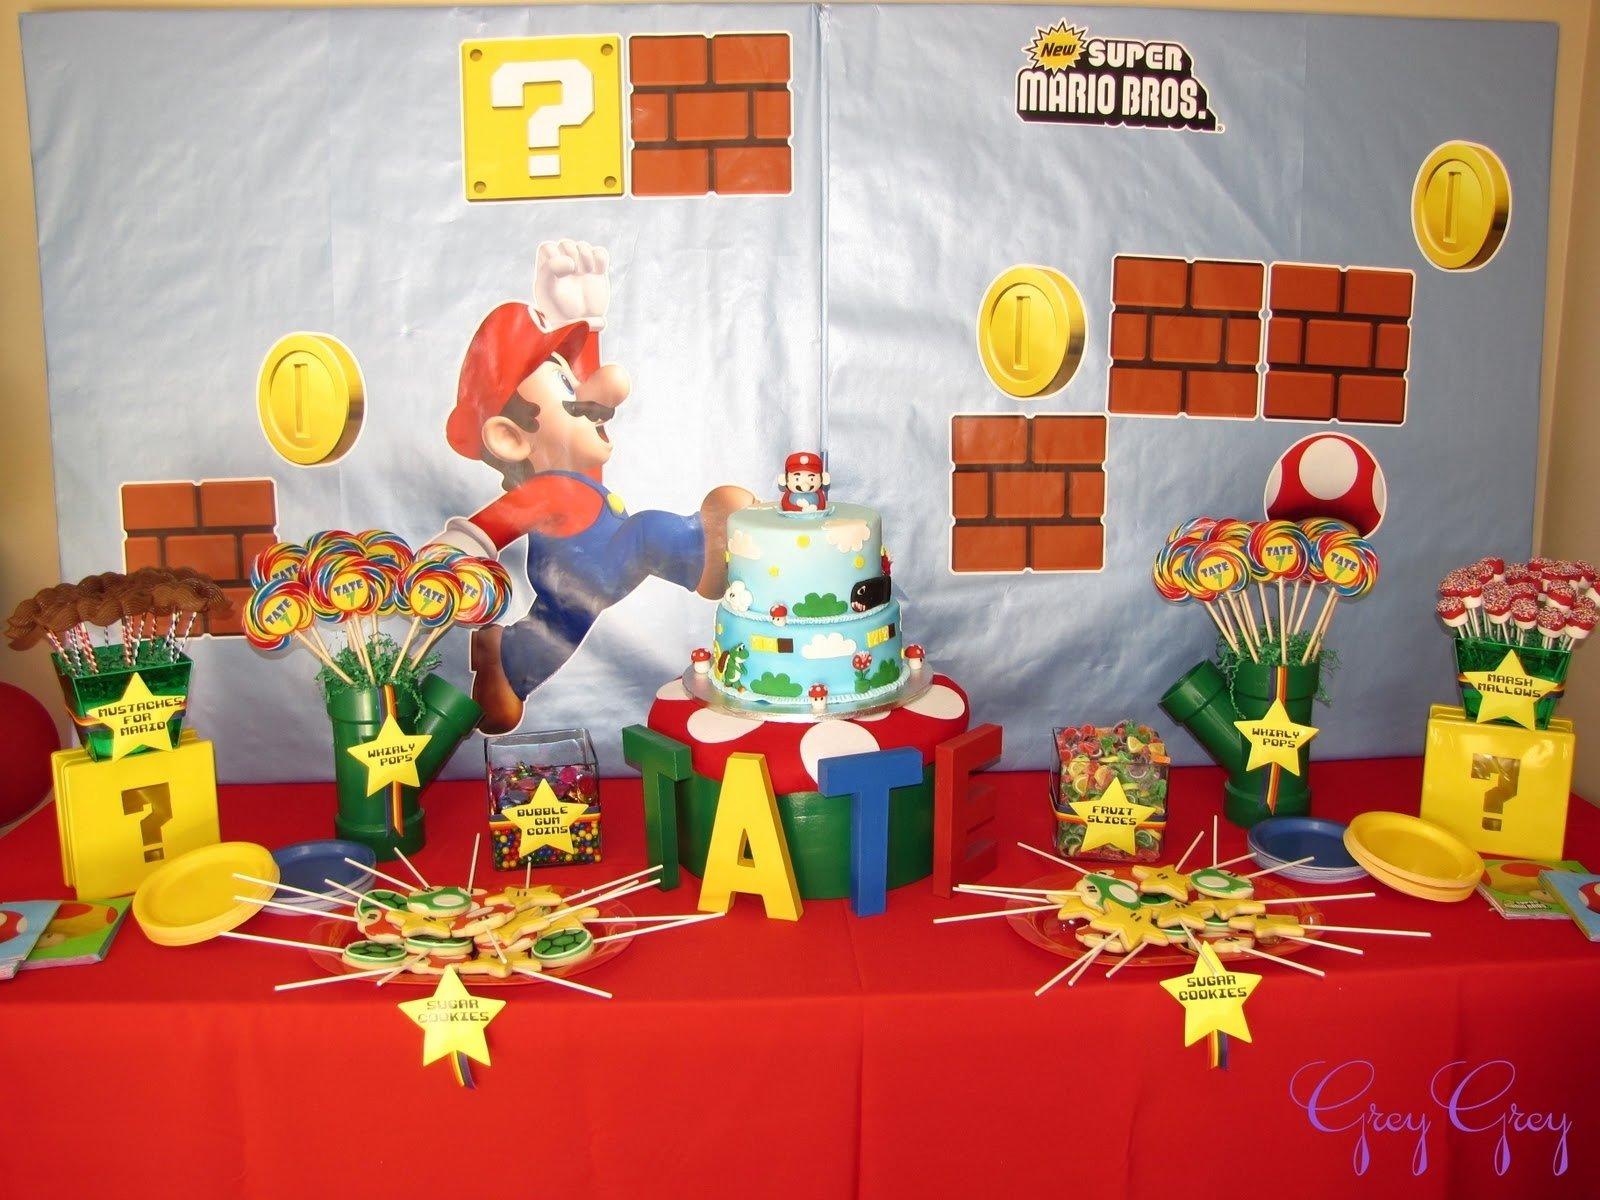 10 Famous Super Mario Bros Party Ideas greygrey designs my parties super mario birthday party 2021